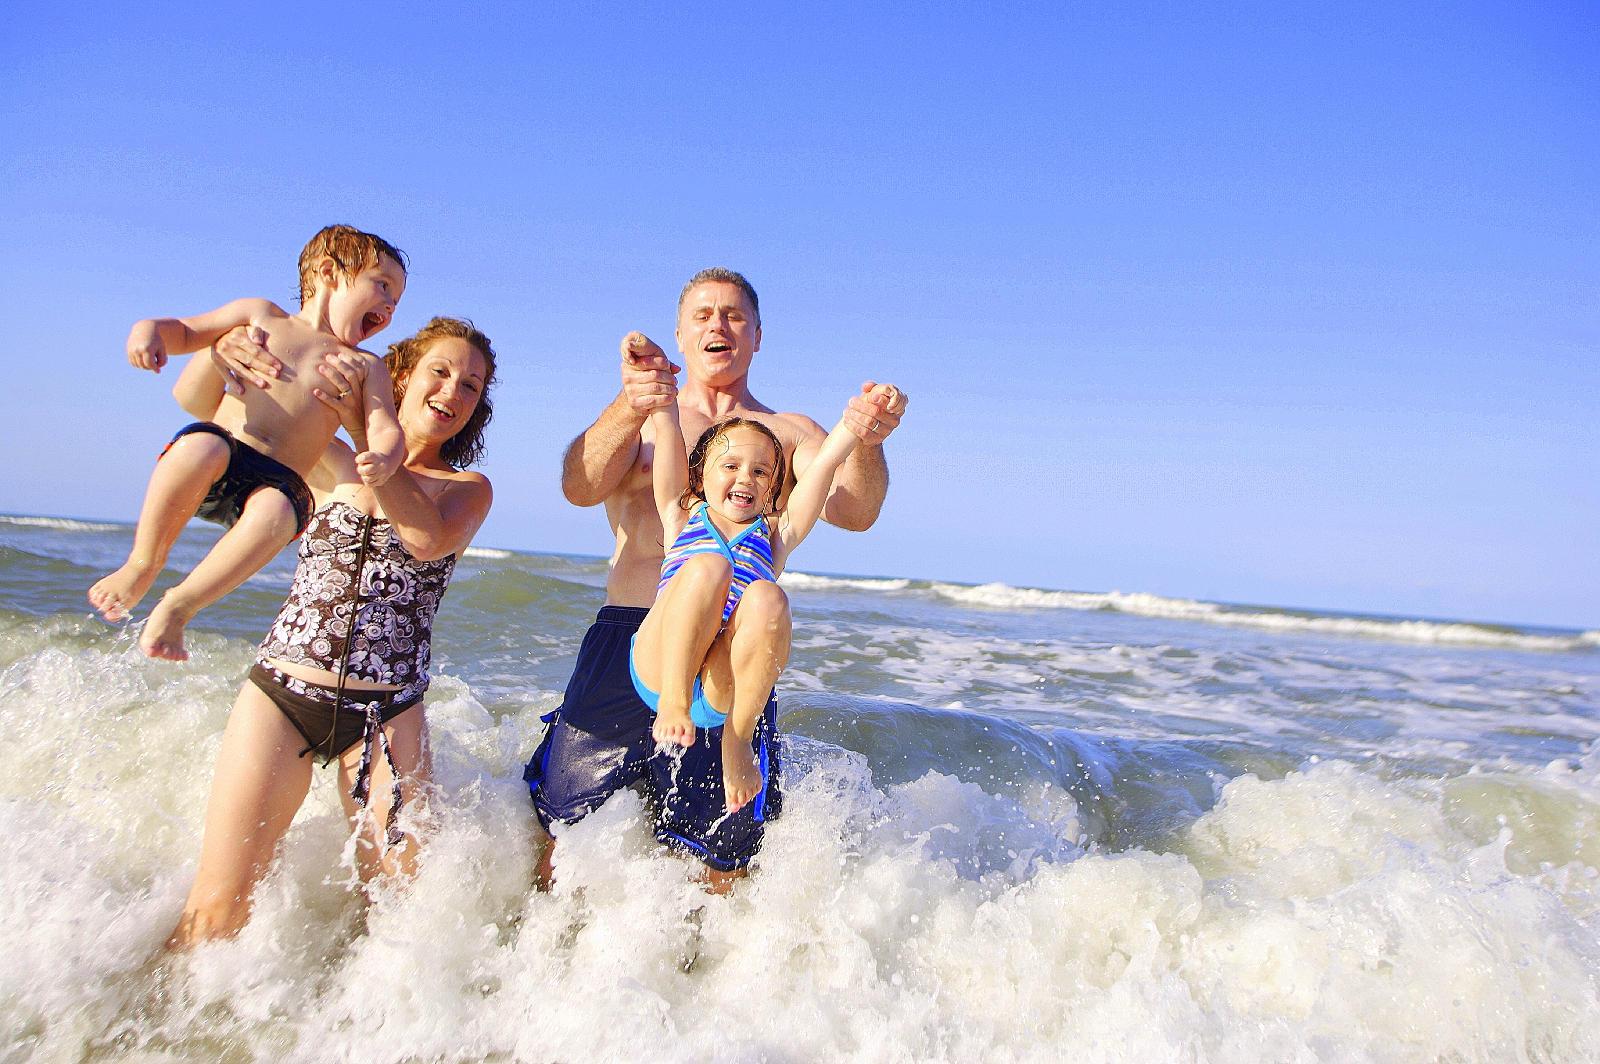 Как спланировать летний отдых с ребенком?